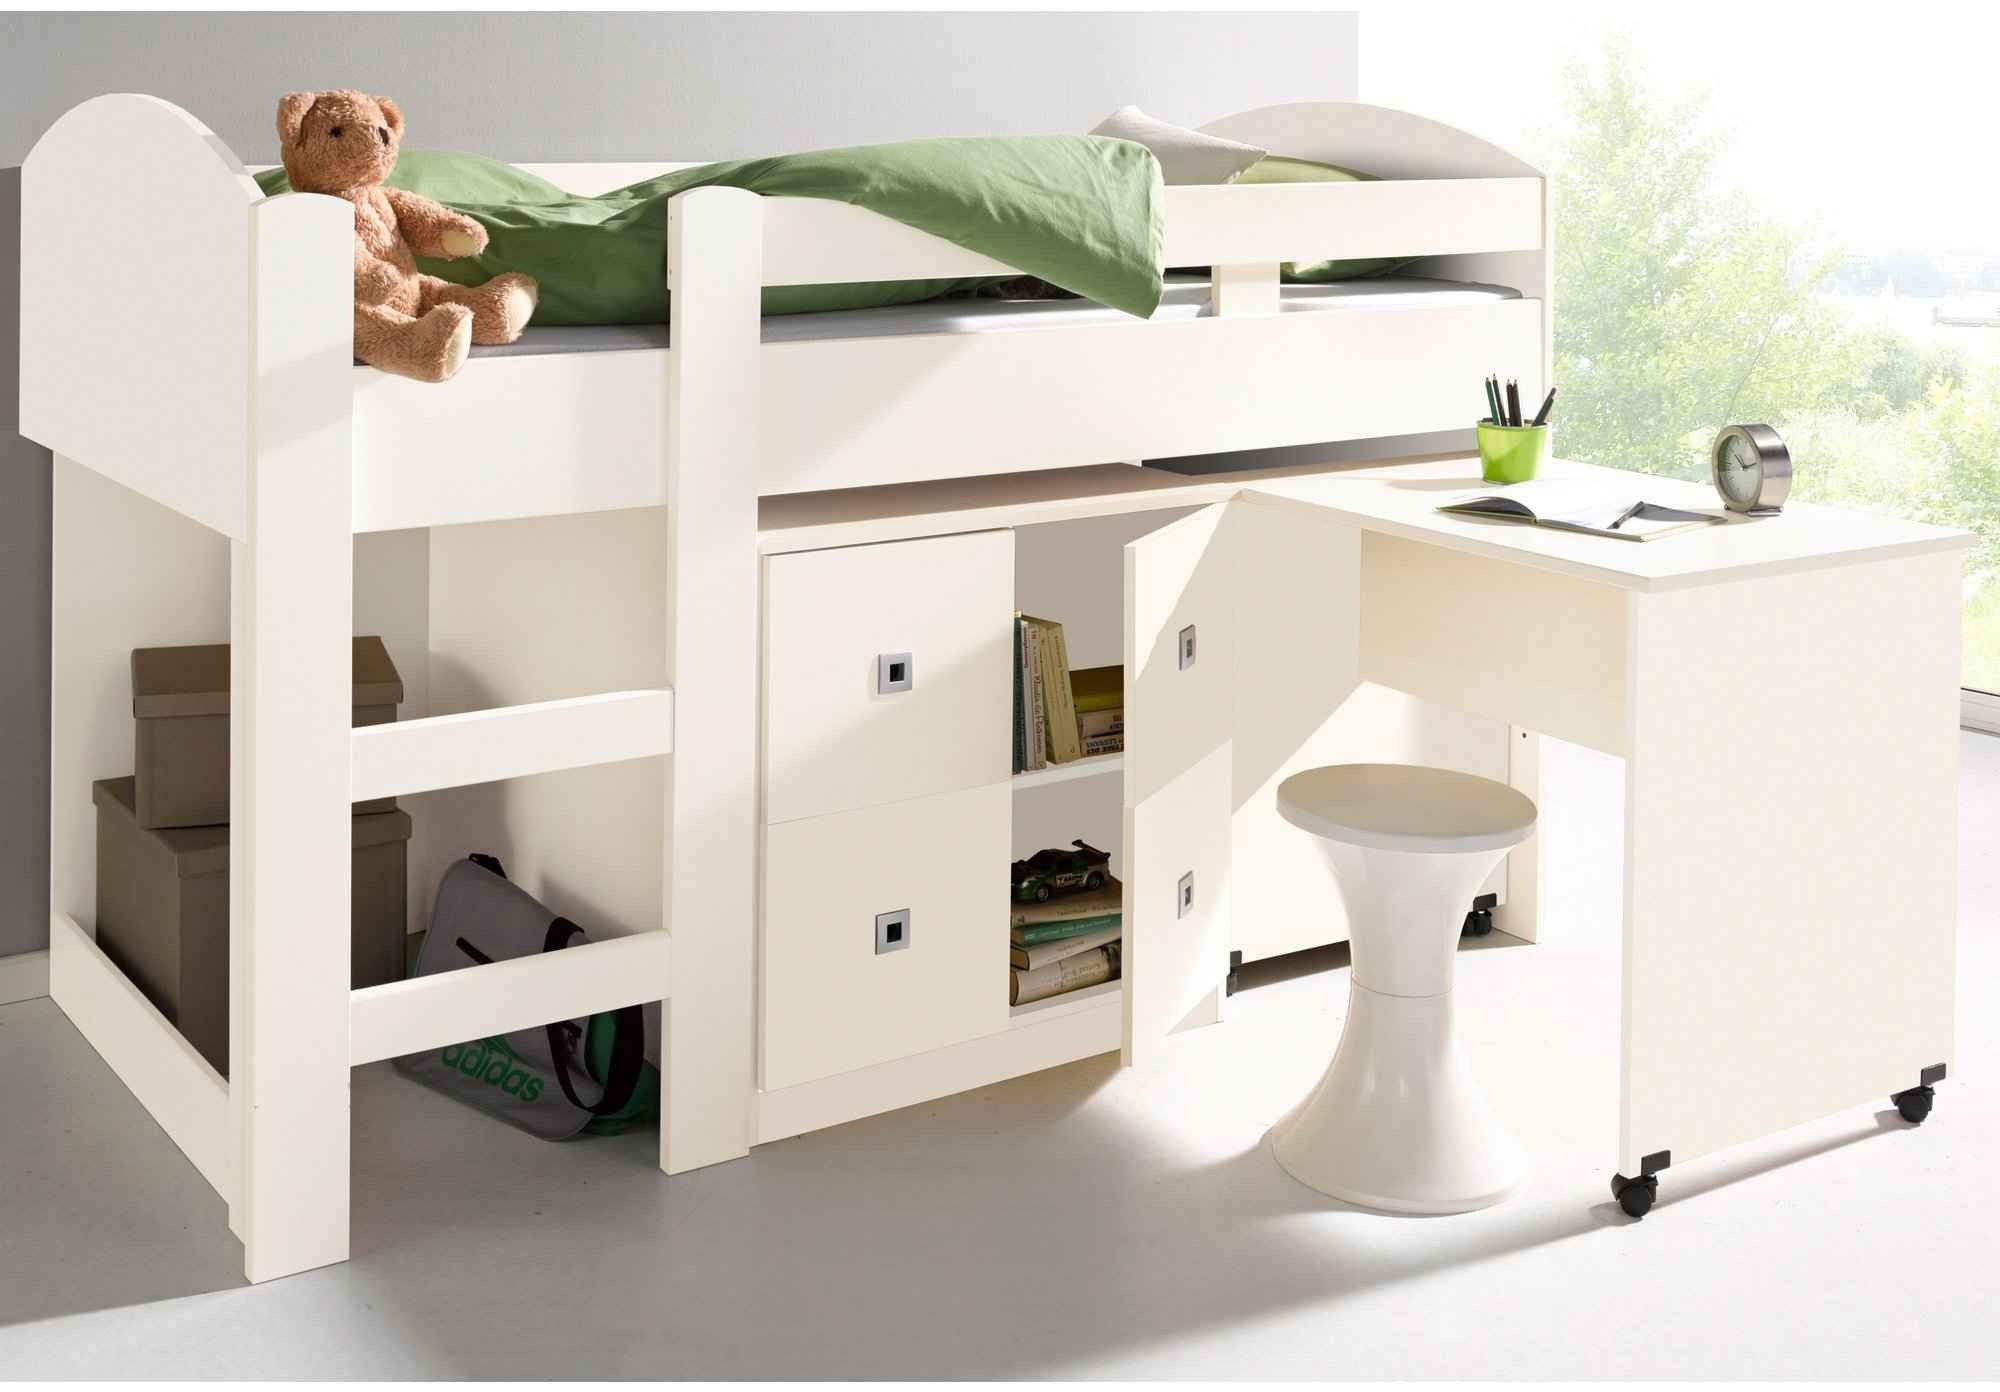 Lit Superposé original Bel Chambre Enfant Lit Superposé Kidsfurniturefarm